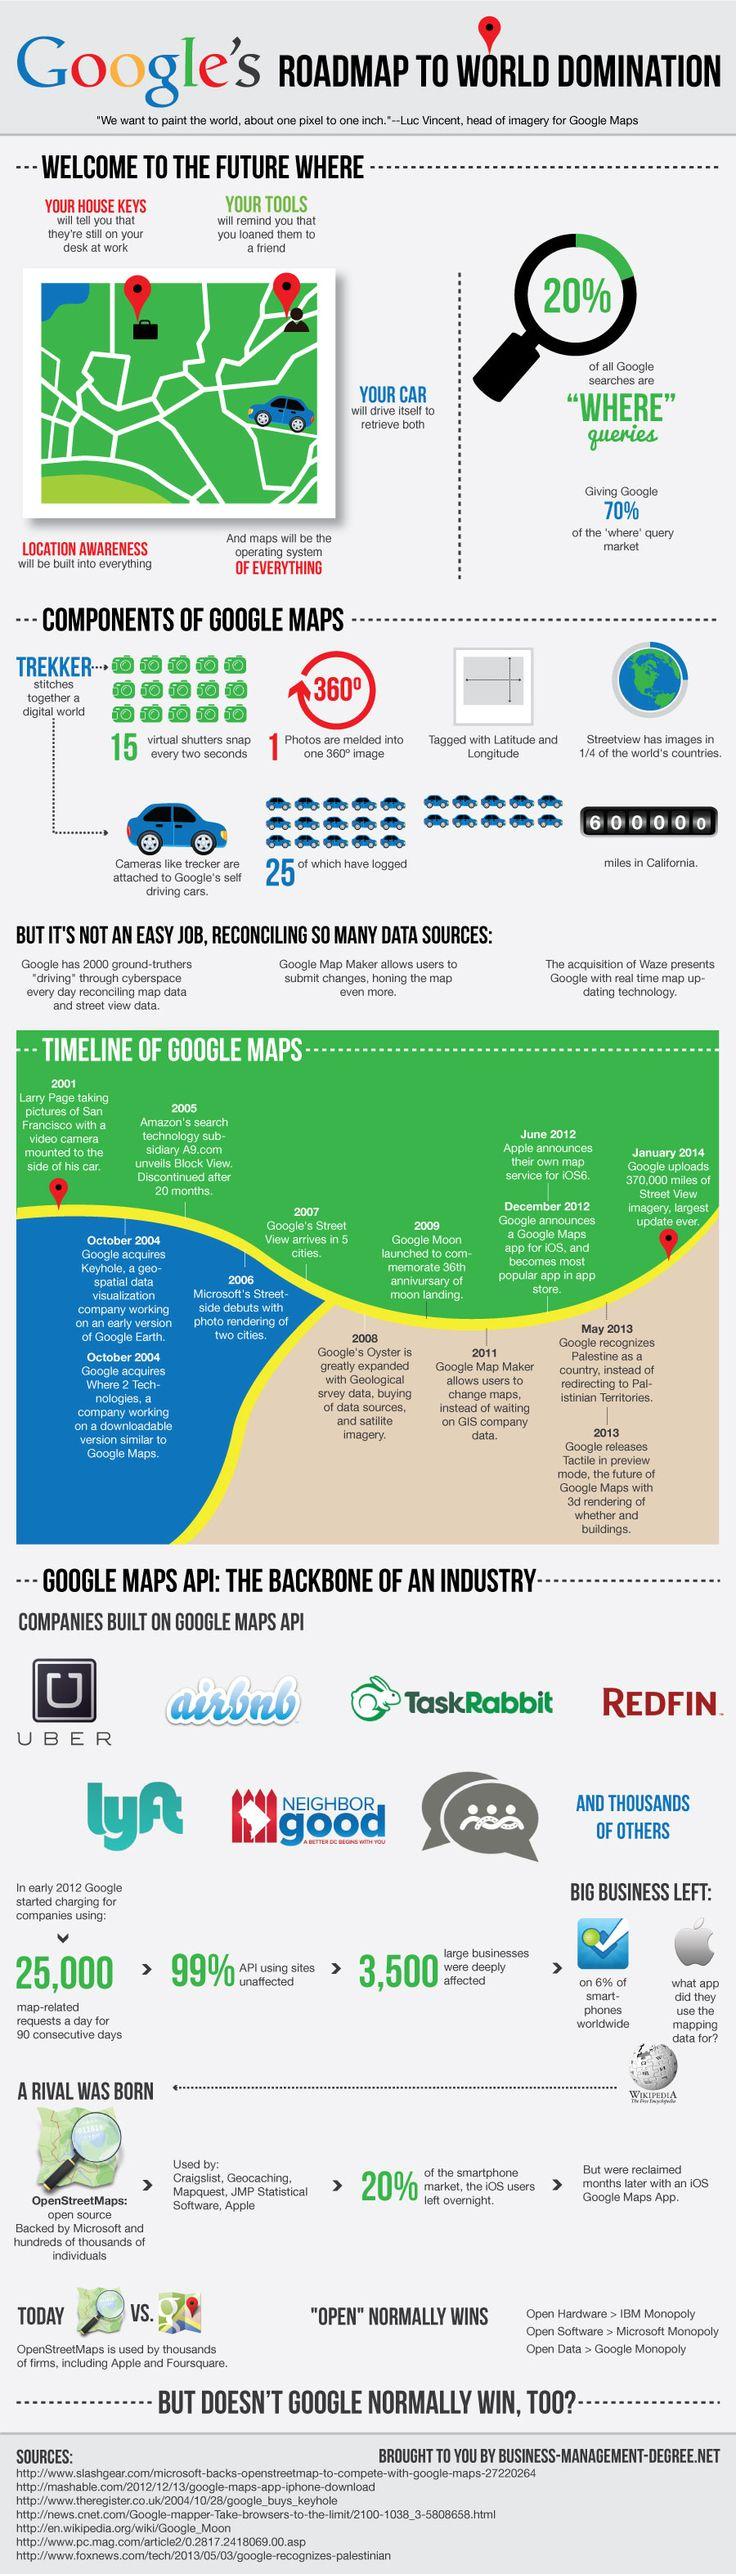 Hola: Una infografía con todo lo que debes saber sobre Google Maps. Un saludo Source: Business-Management-Degree.net